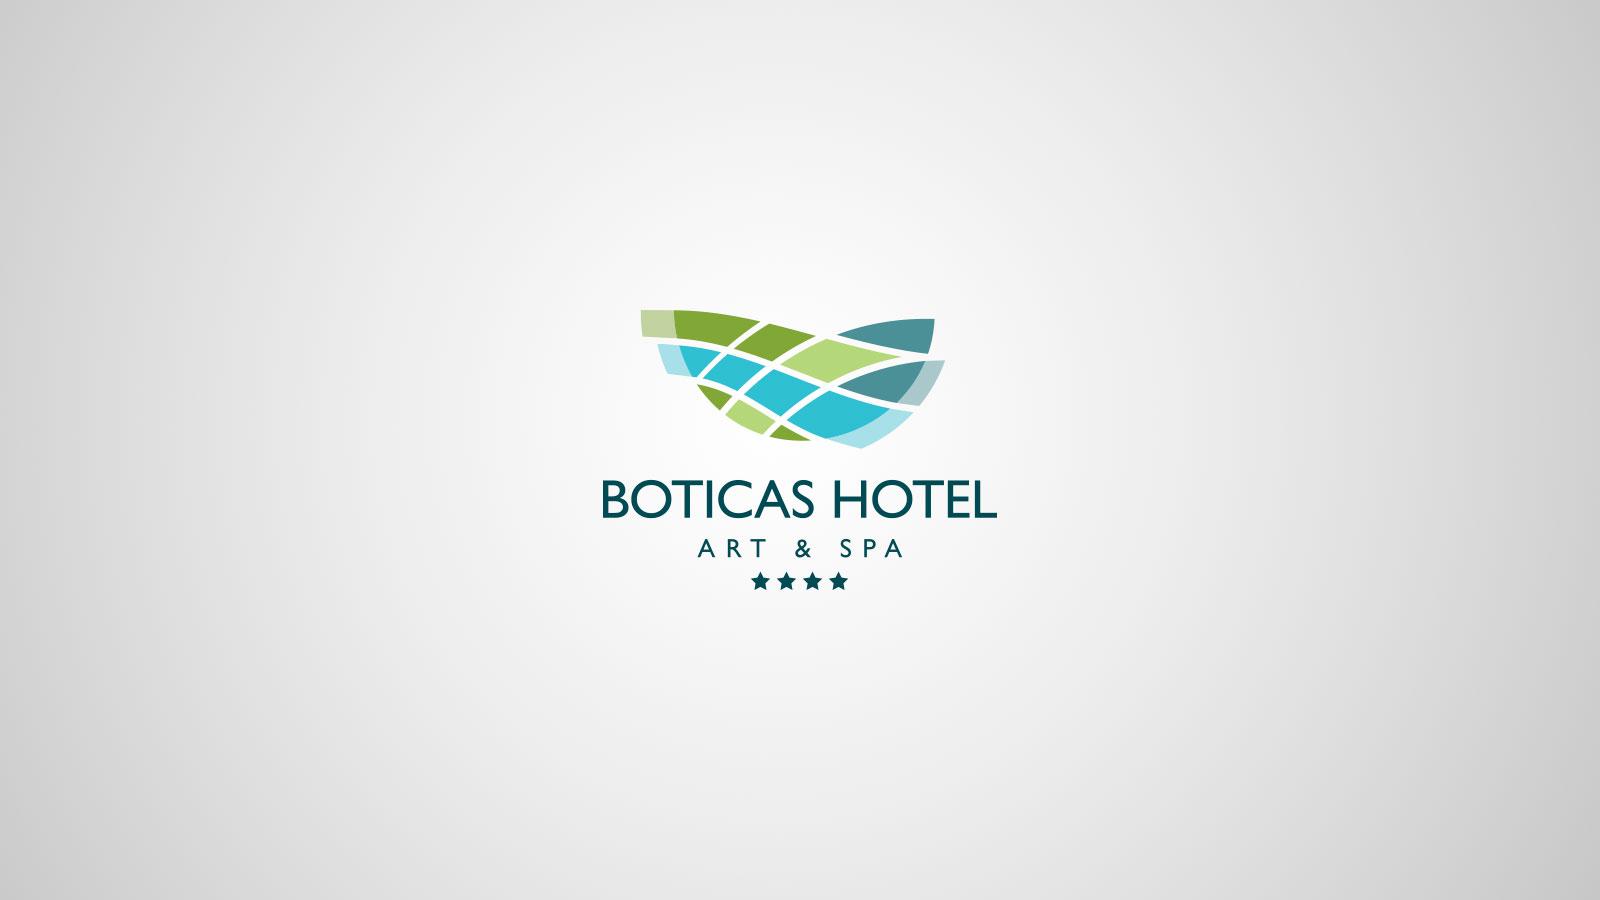 boticas-hotel-001